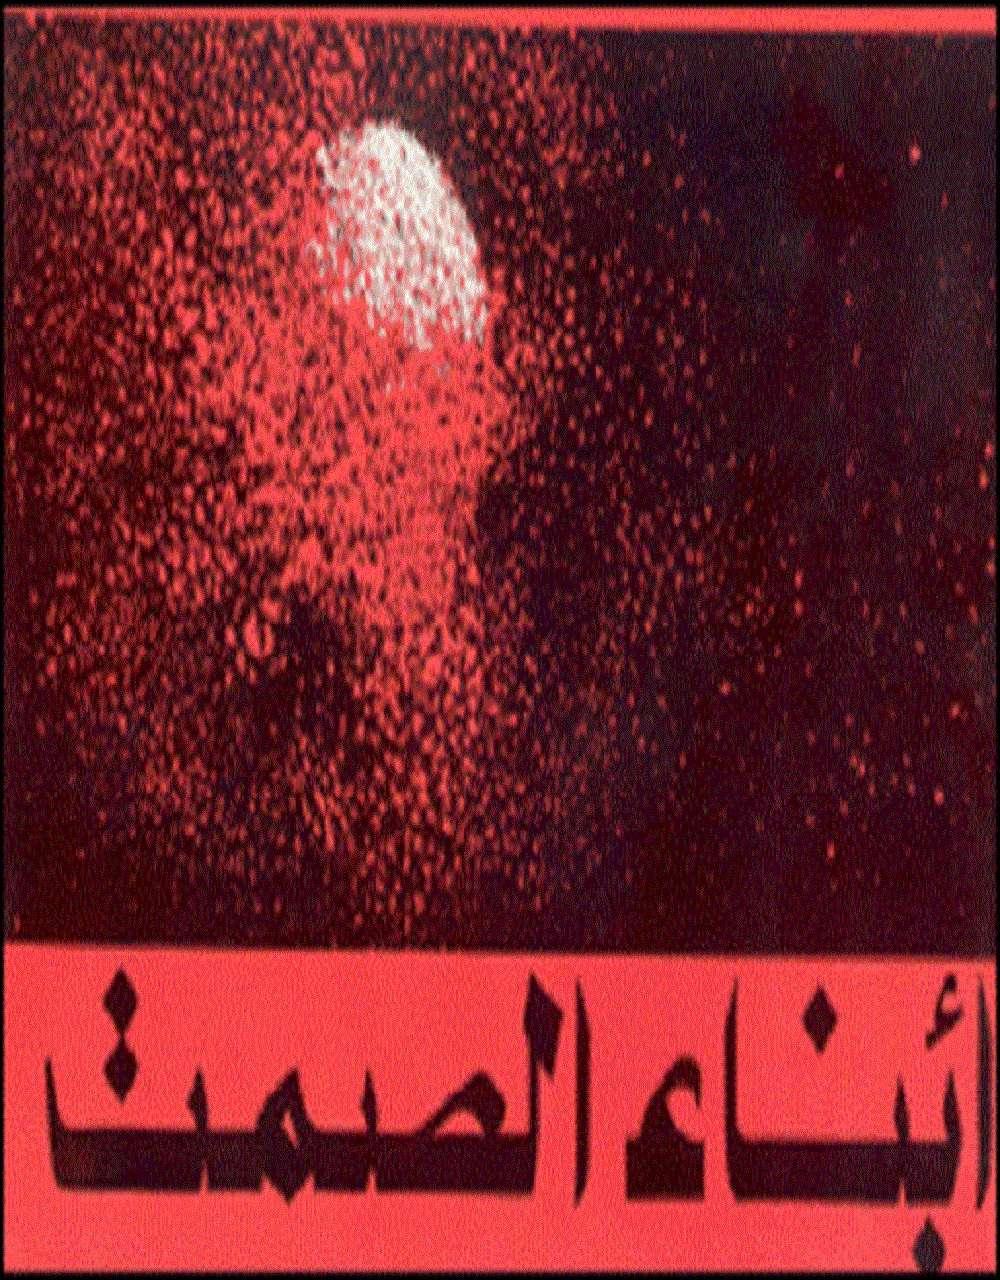 [فيلم][تورنت][تحميل][أبناء الصمت][1974][720p][Web-DL] 1 arabp2p.com